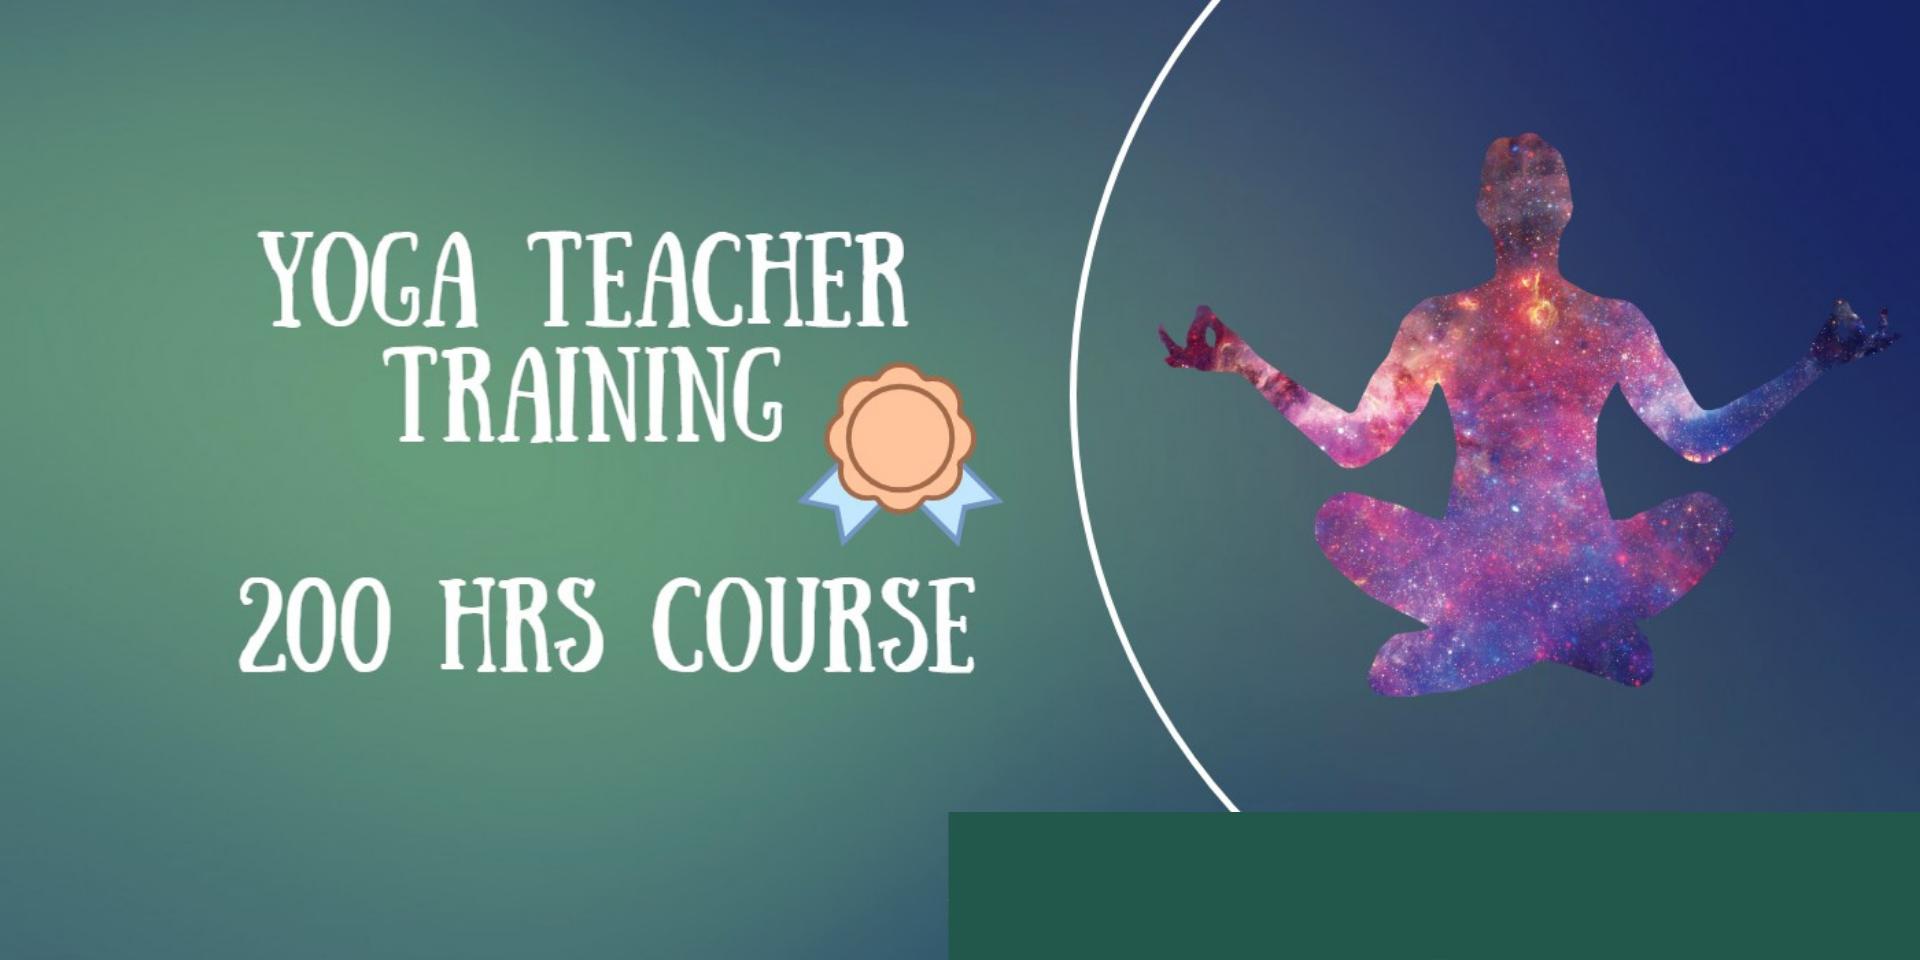 yoga teacher courses